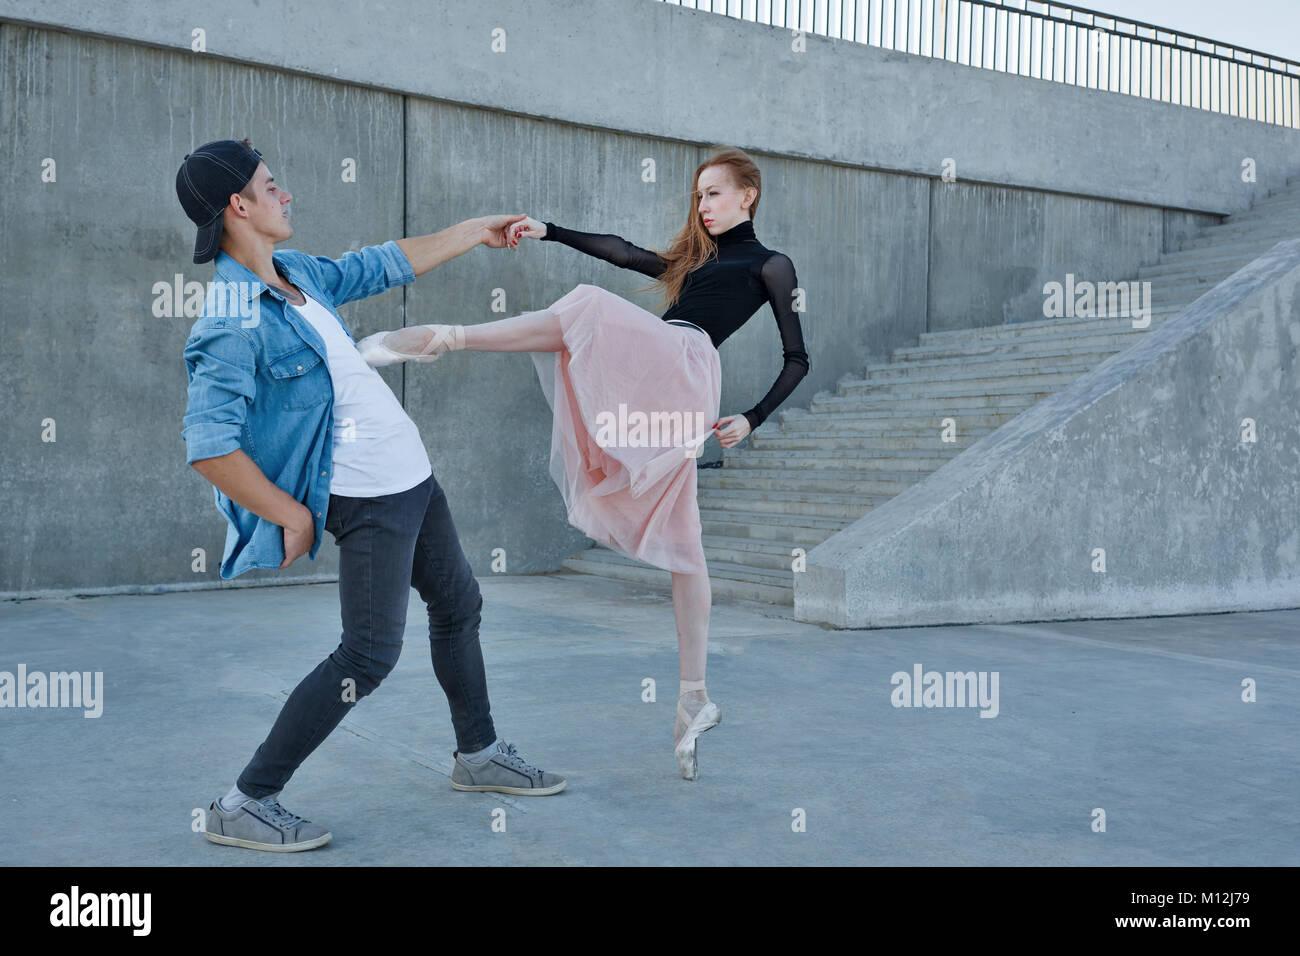 Une ballerine danse avec une danseuse moderne. Date d'amants. Performance dans les rues de la ville. Photo Stock